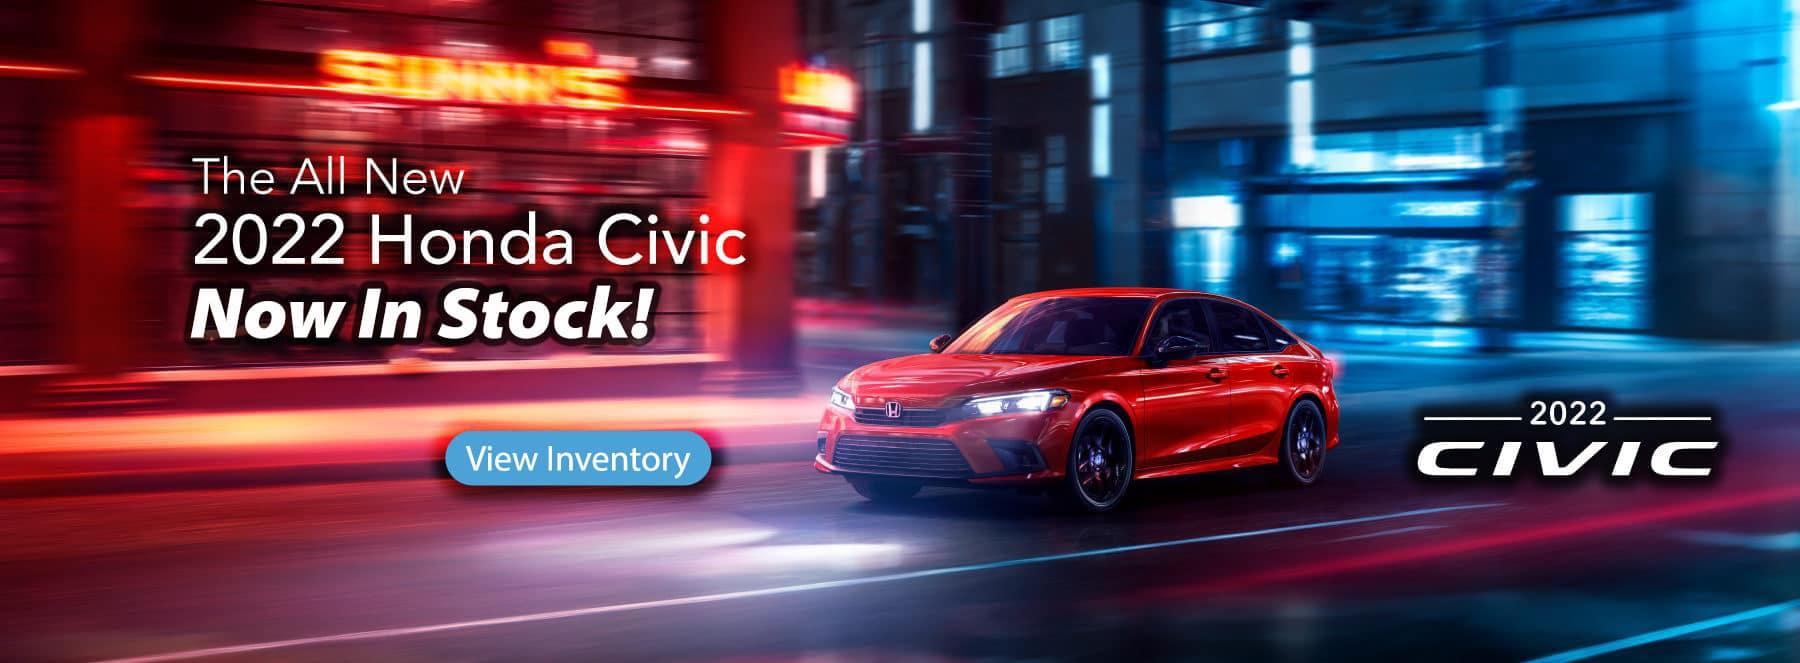 2022 Honda Civic In Stock!